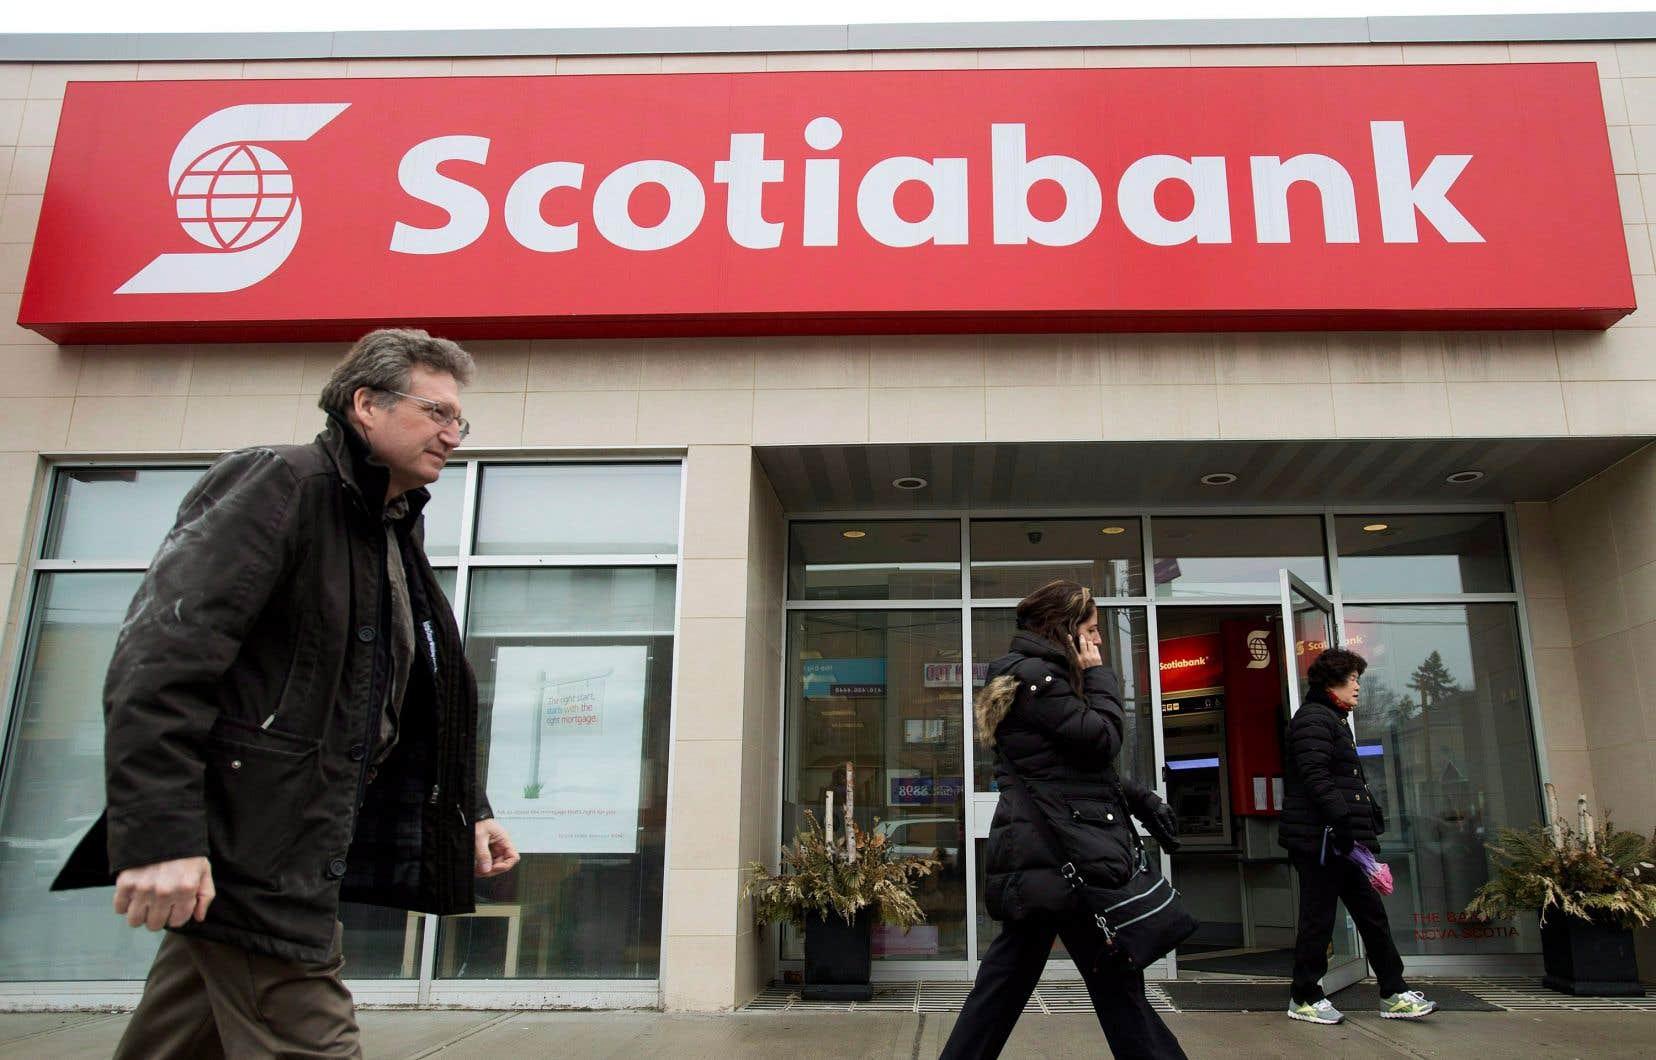 Le troisième prêteur en importance au Canada a fait passer son taux d'intérêt affiché pour les hypothèques à taux fixe de cinq ans de 5,14% à 5,34%.